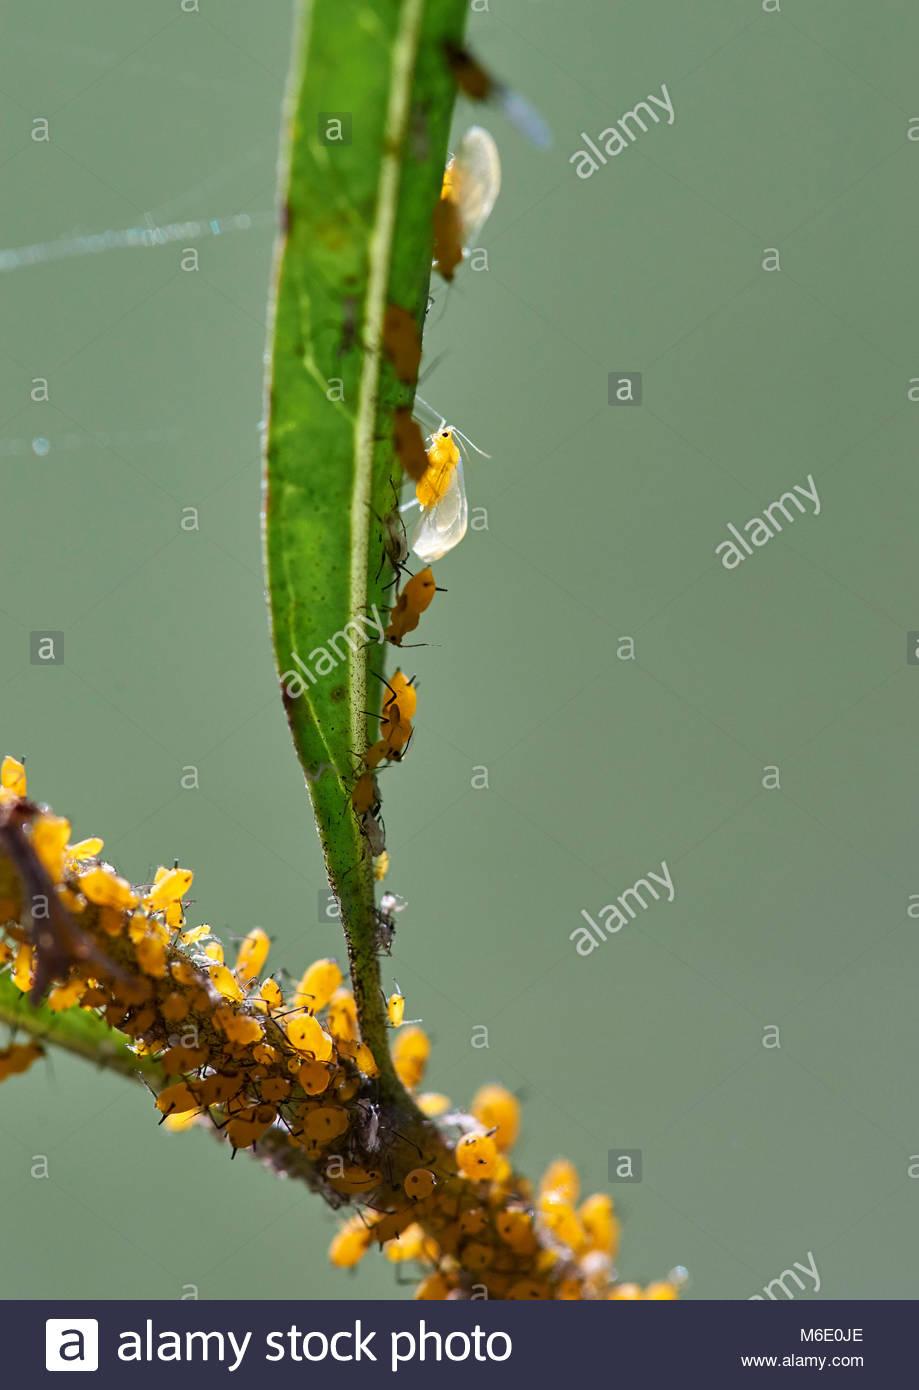 Hintergrundbeleuchtung Blattläuse (Aphis nerii) Clustered auf-saugen die sap-von-ein Ballon Anlage (Gomphocarpus Stockbild